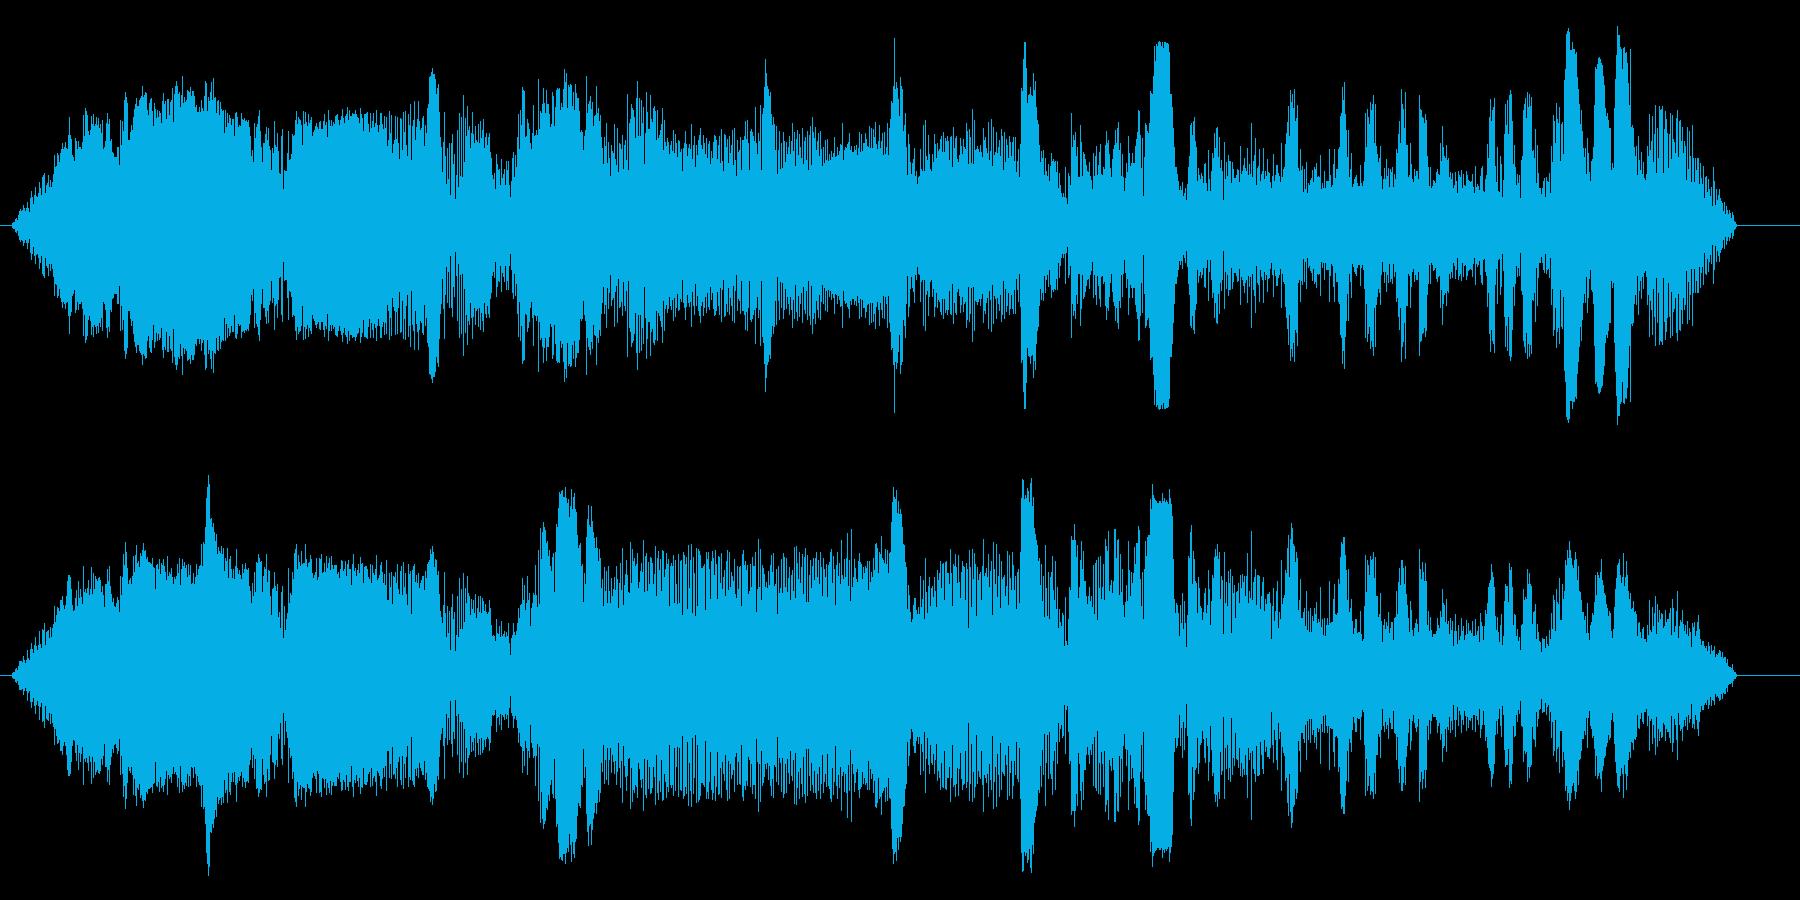 ドラッグボート;スタート/アイドル...の再生済みの波形